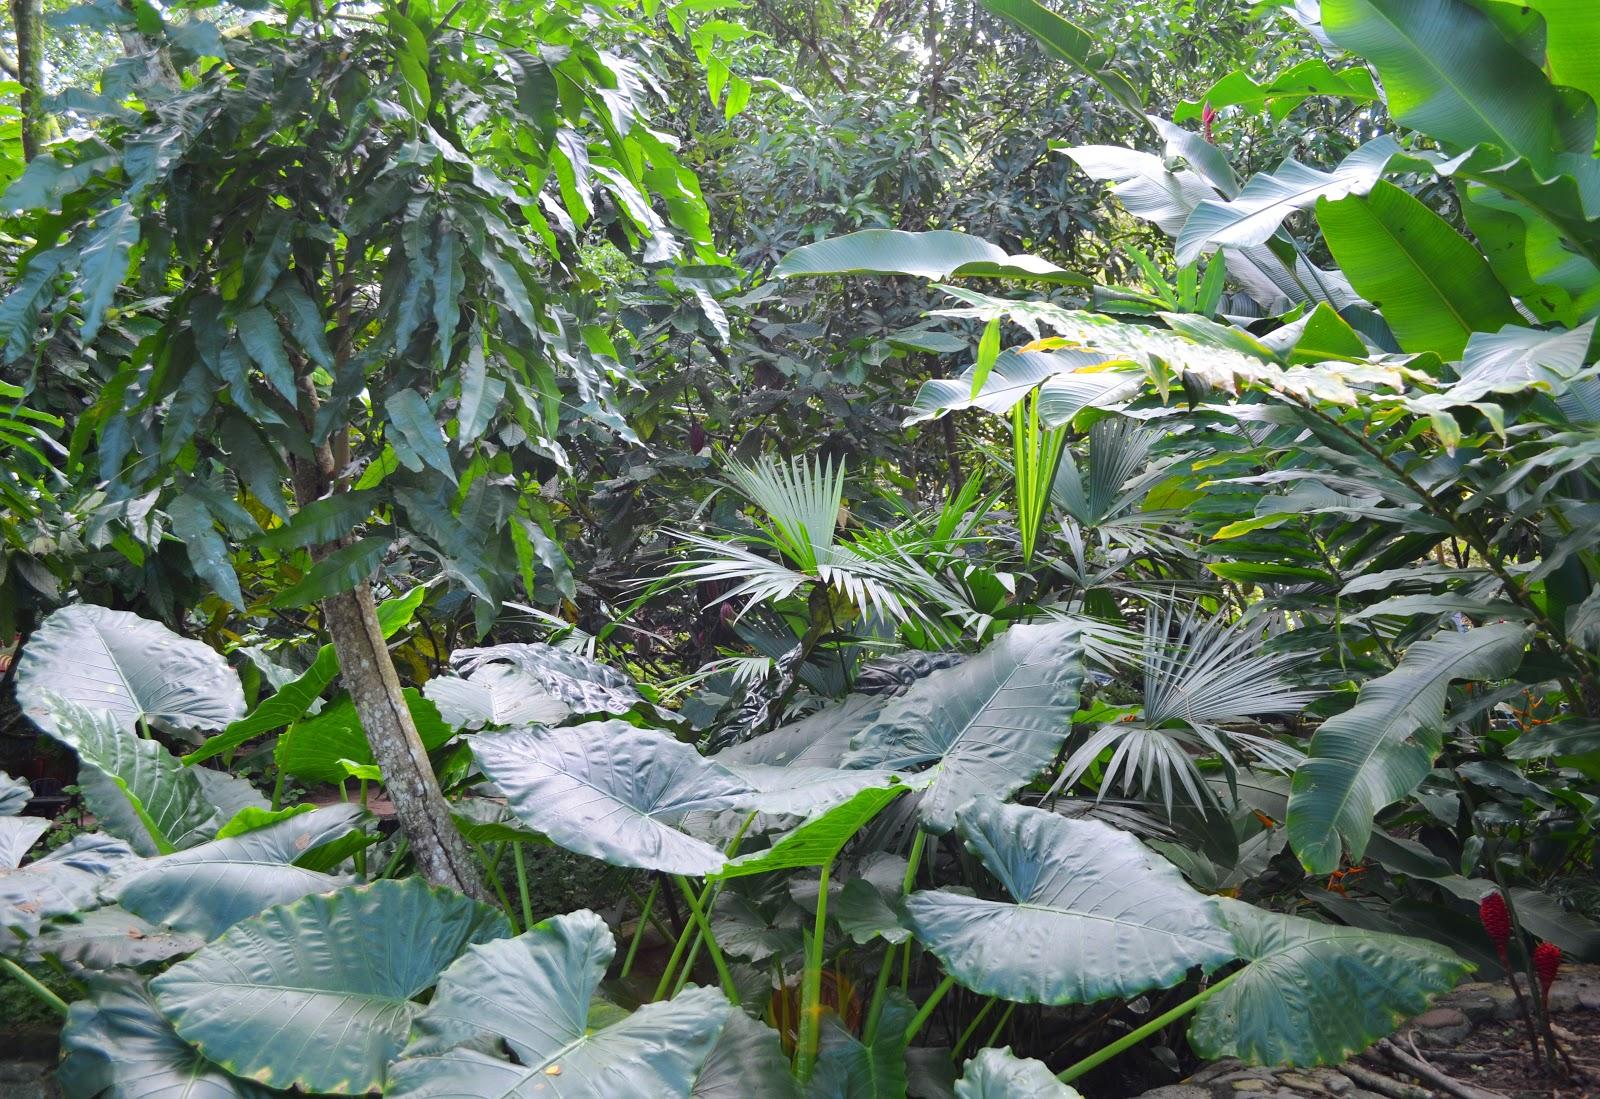 Pintura Moderna y Fotografía Artística : Imagen selva del Amazonas ...